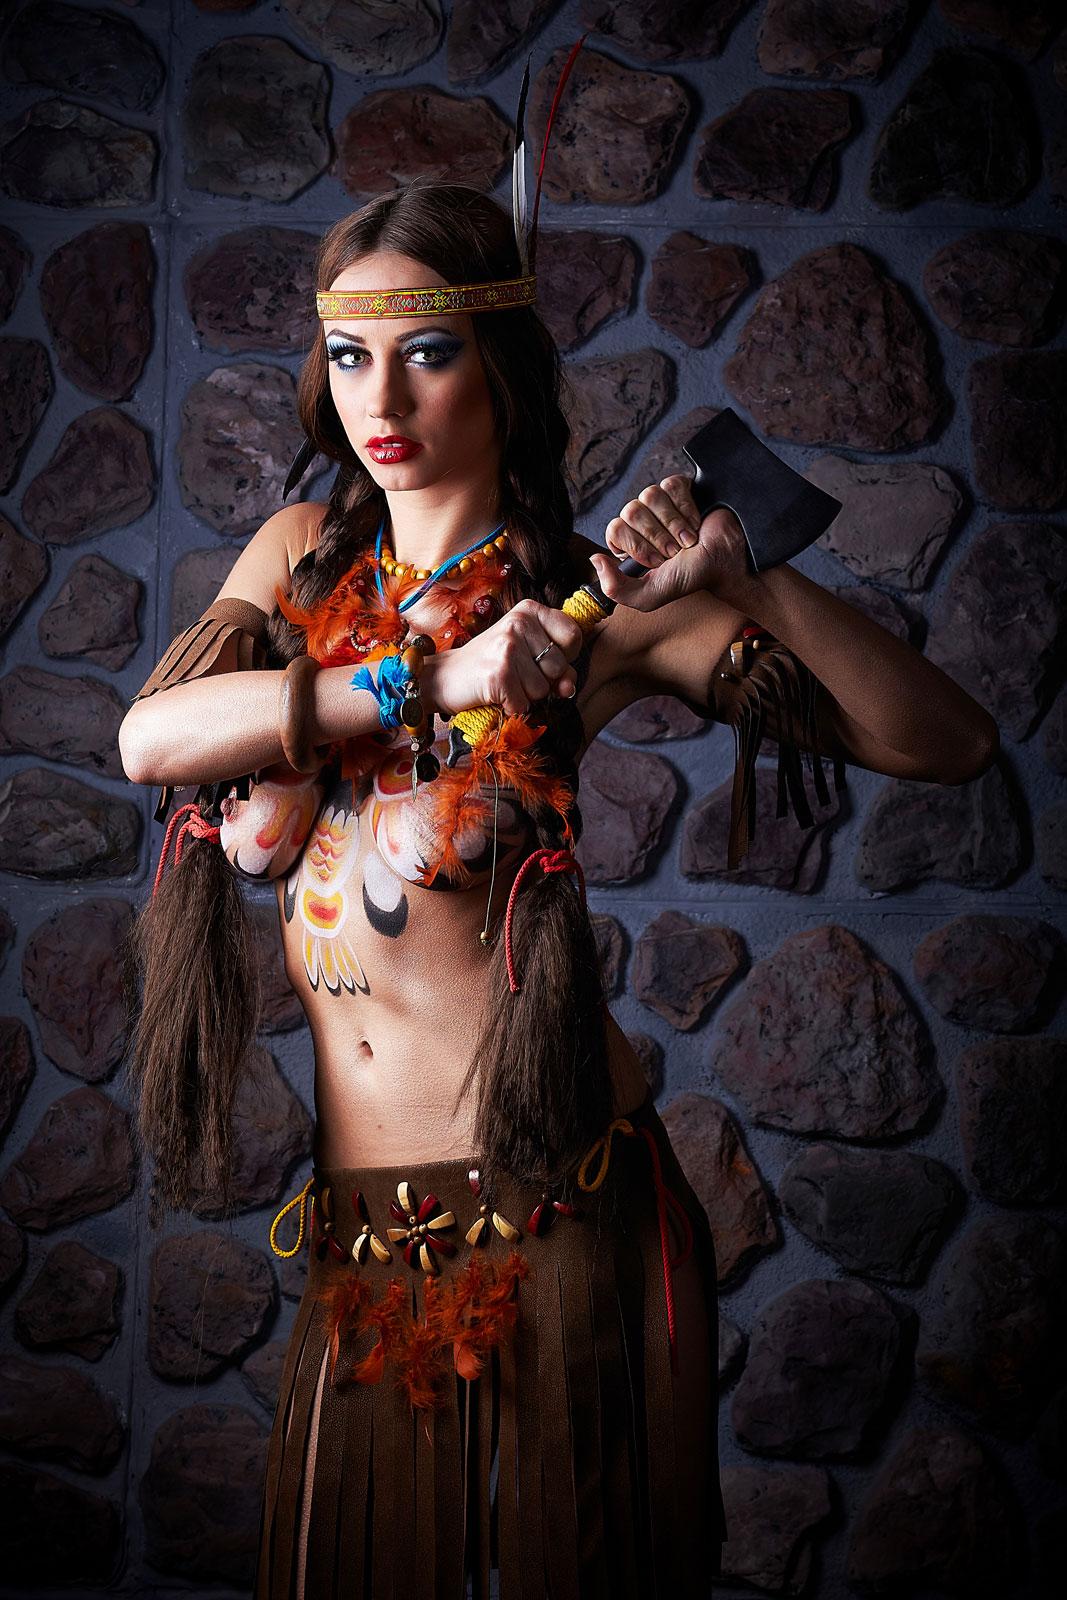 Фото девушка в образе индианки 11 фотография